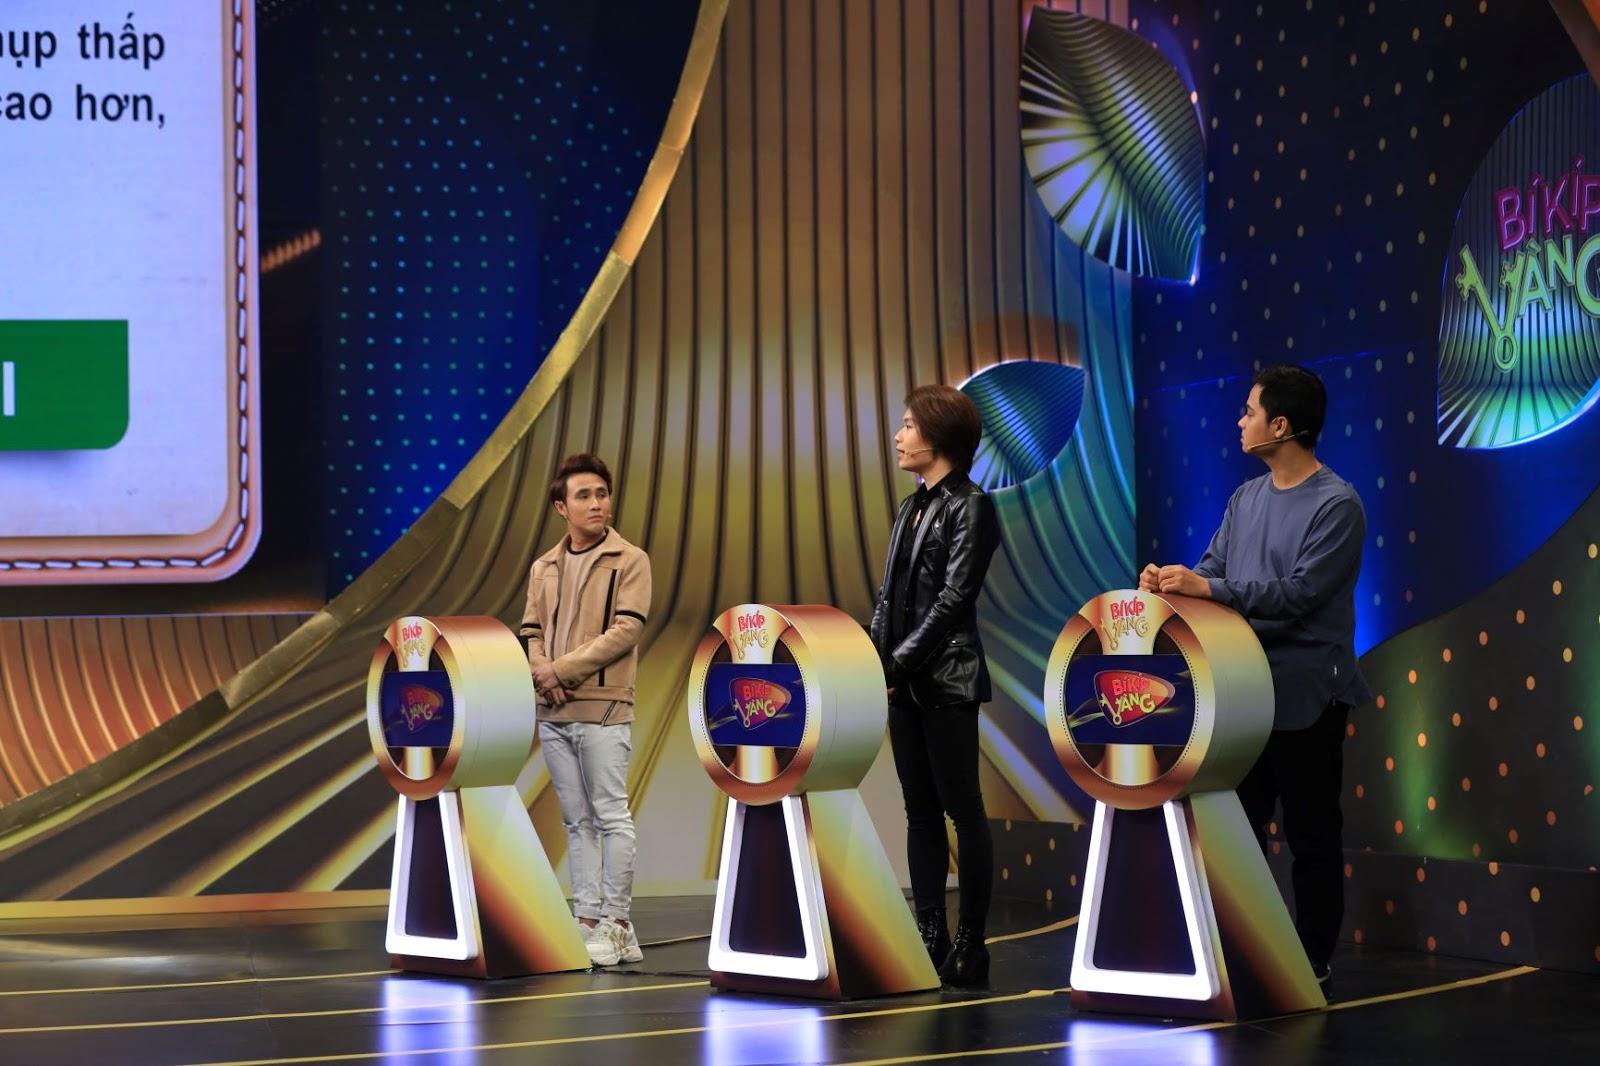 Việt Hương bất ngờ đuổi Huỳnh Lập và Quang Trung về nhà khi đang quay gameshow - Hình 4